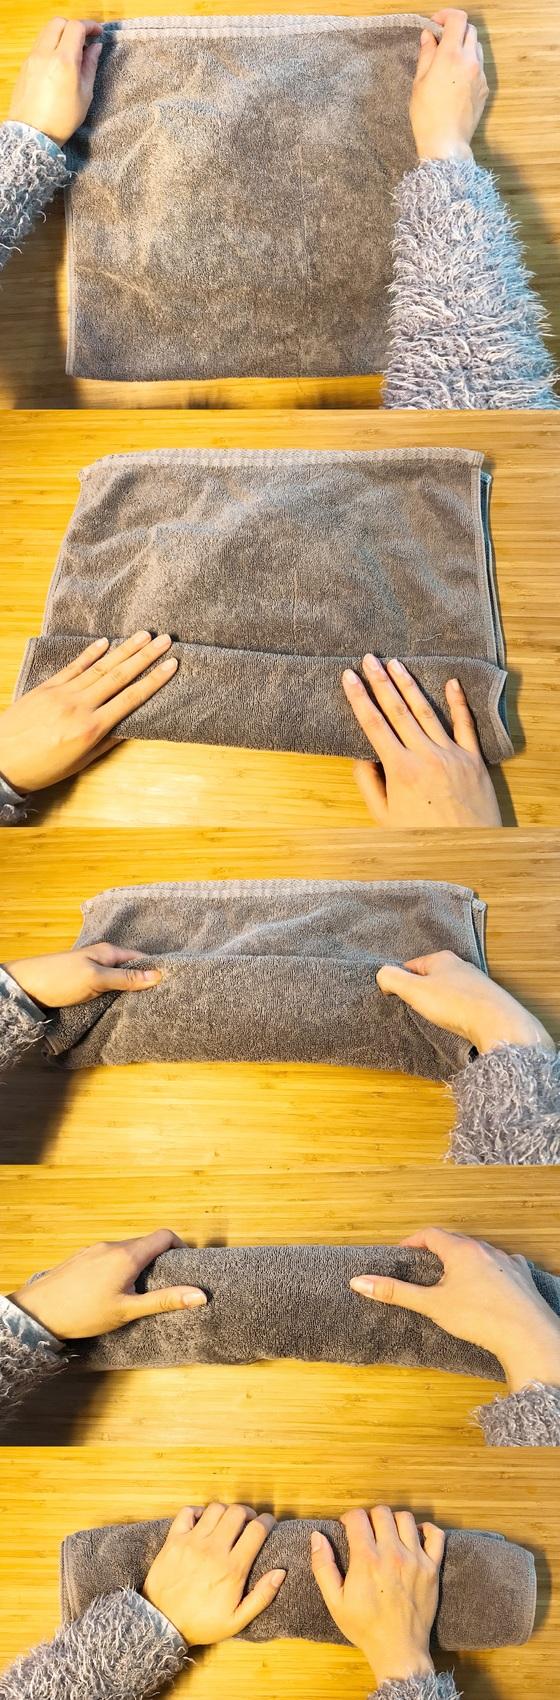 수건을 반으로 접고, 밑에서부터 조금씩 접어 올려 김밥 말듯 둘둘 만다. 손으로 수건 두루마리 위를 꾹꾹 눌러주면 모자의 물기가 잘 빠진다.